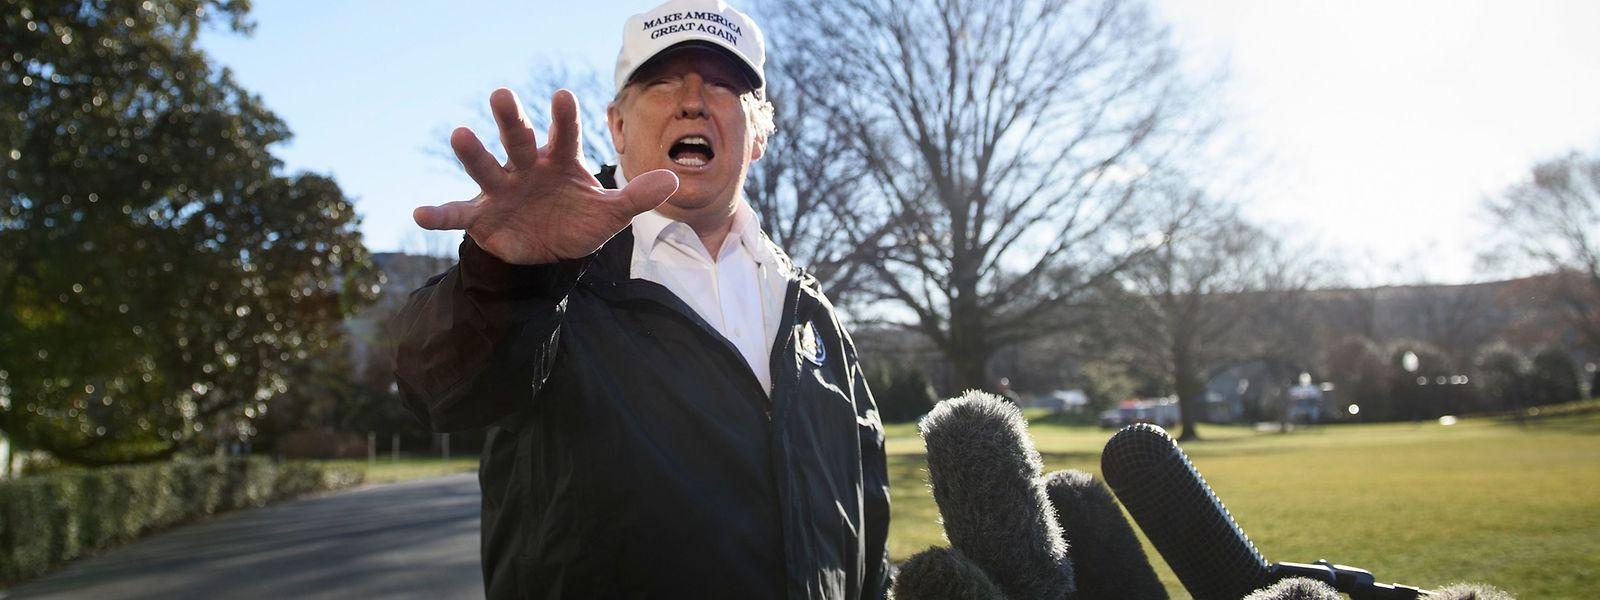 Donald Trump fliegt an die Südgrenze der USA. Wenn ihm der Kongress nicht das Geld für eine Mauer dort gibt, will der US-Präsident den nationalen Notstand ausrufen.